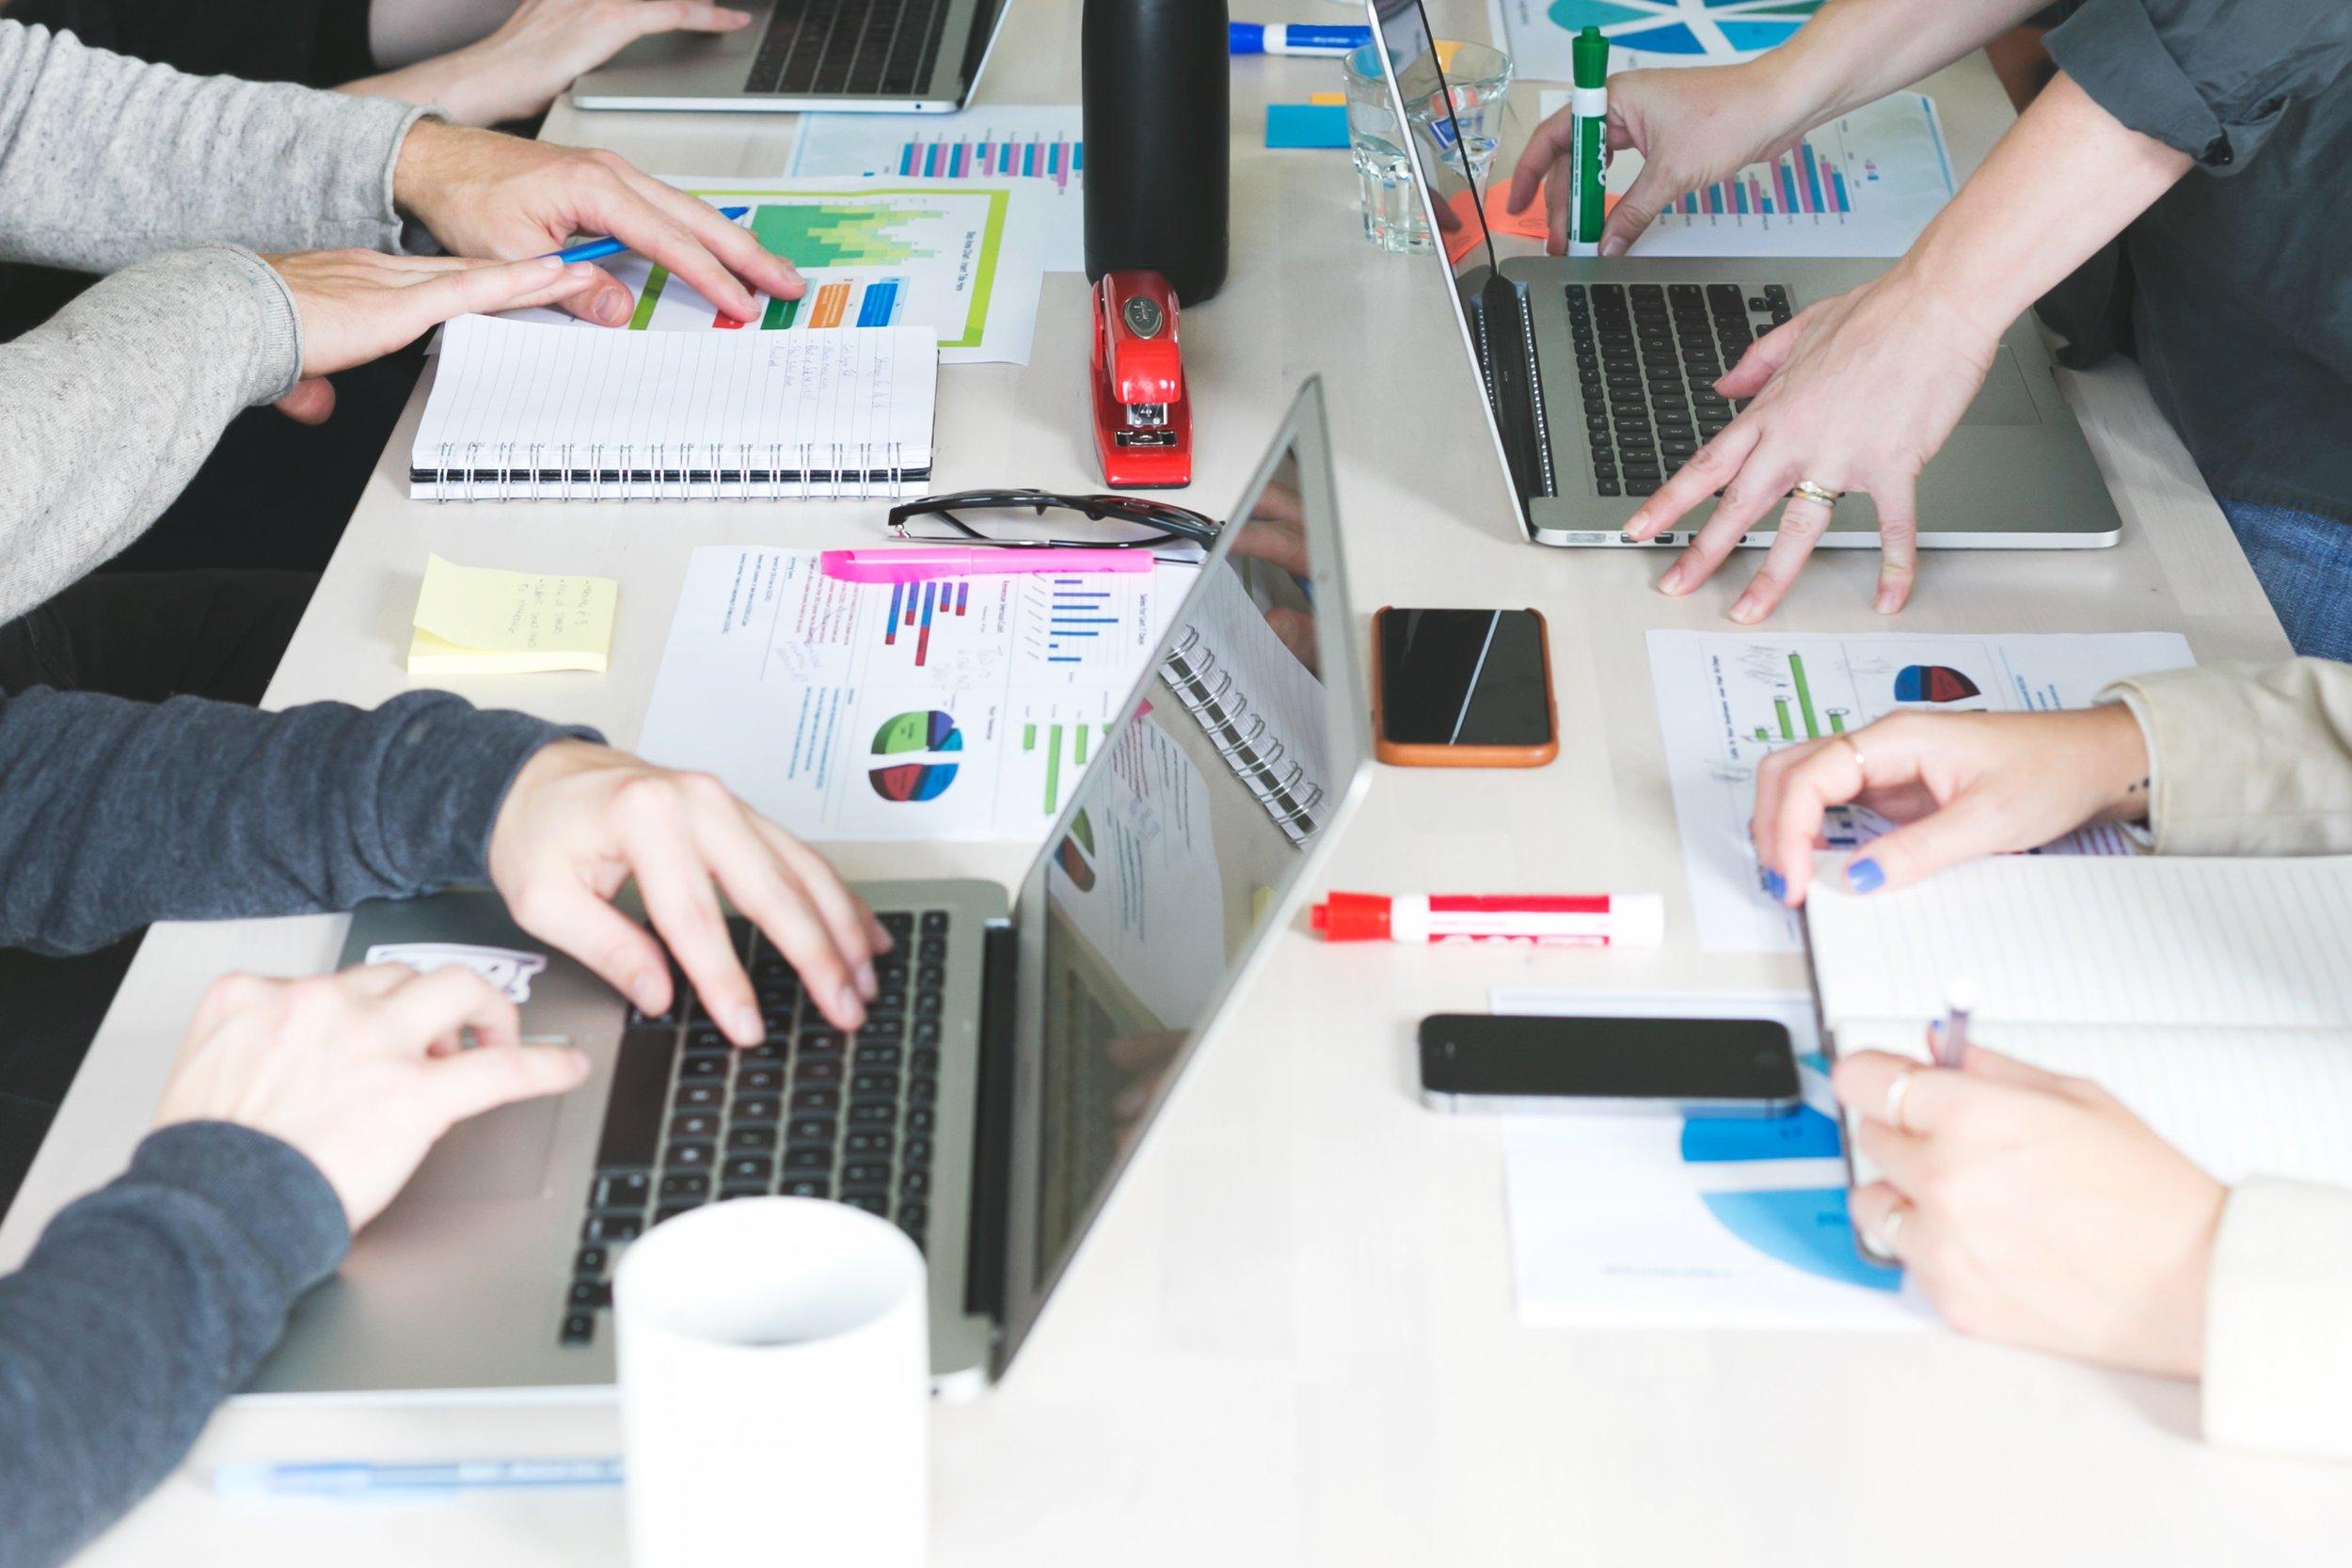 team-sales-business-meeting photo.jpg